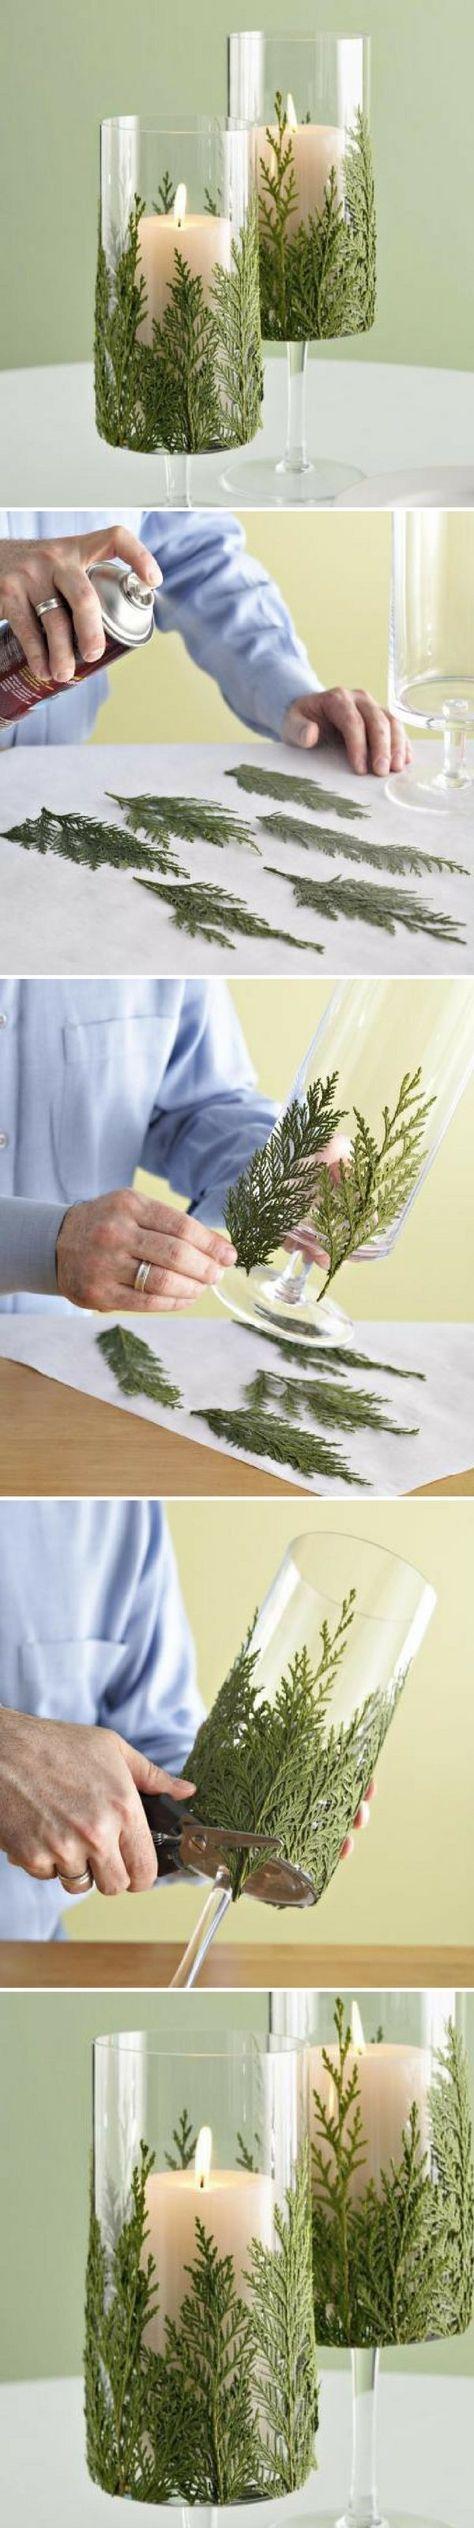 Fabriquer et personnaliser un porte-bougies pour Noël avec des branches de sapin